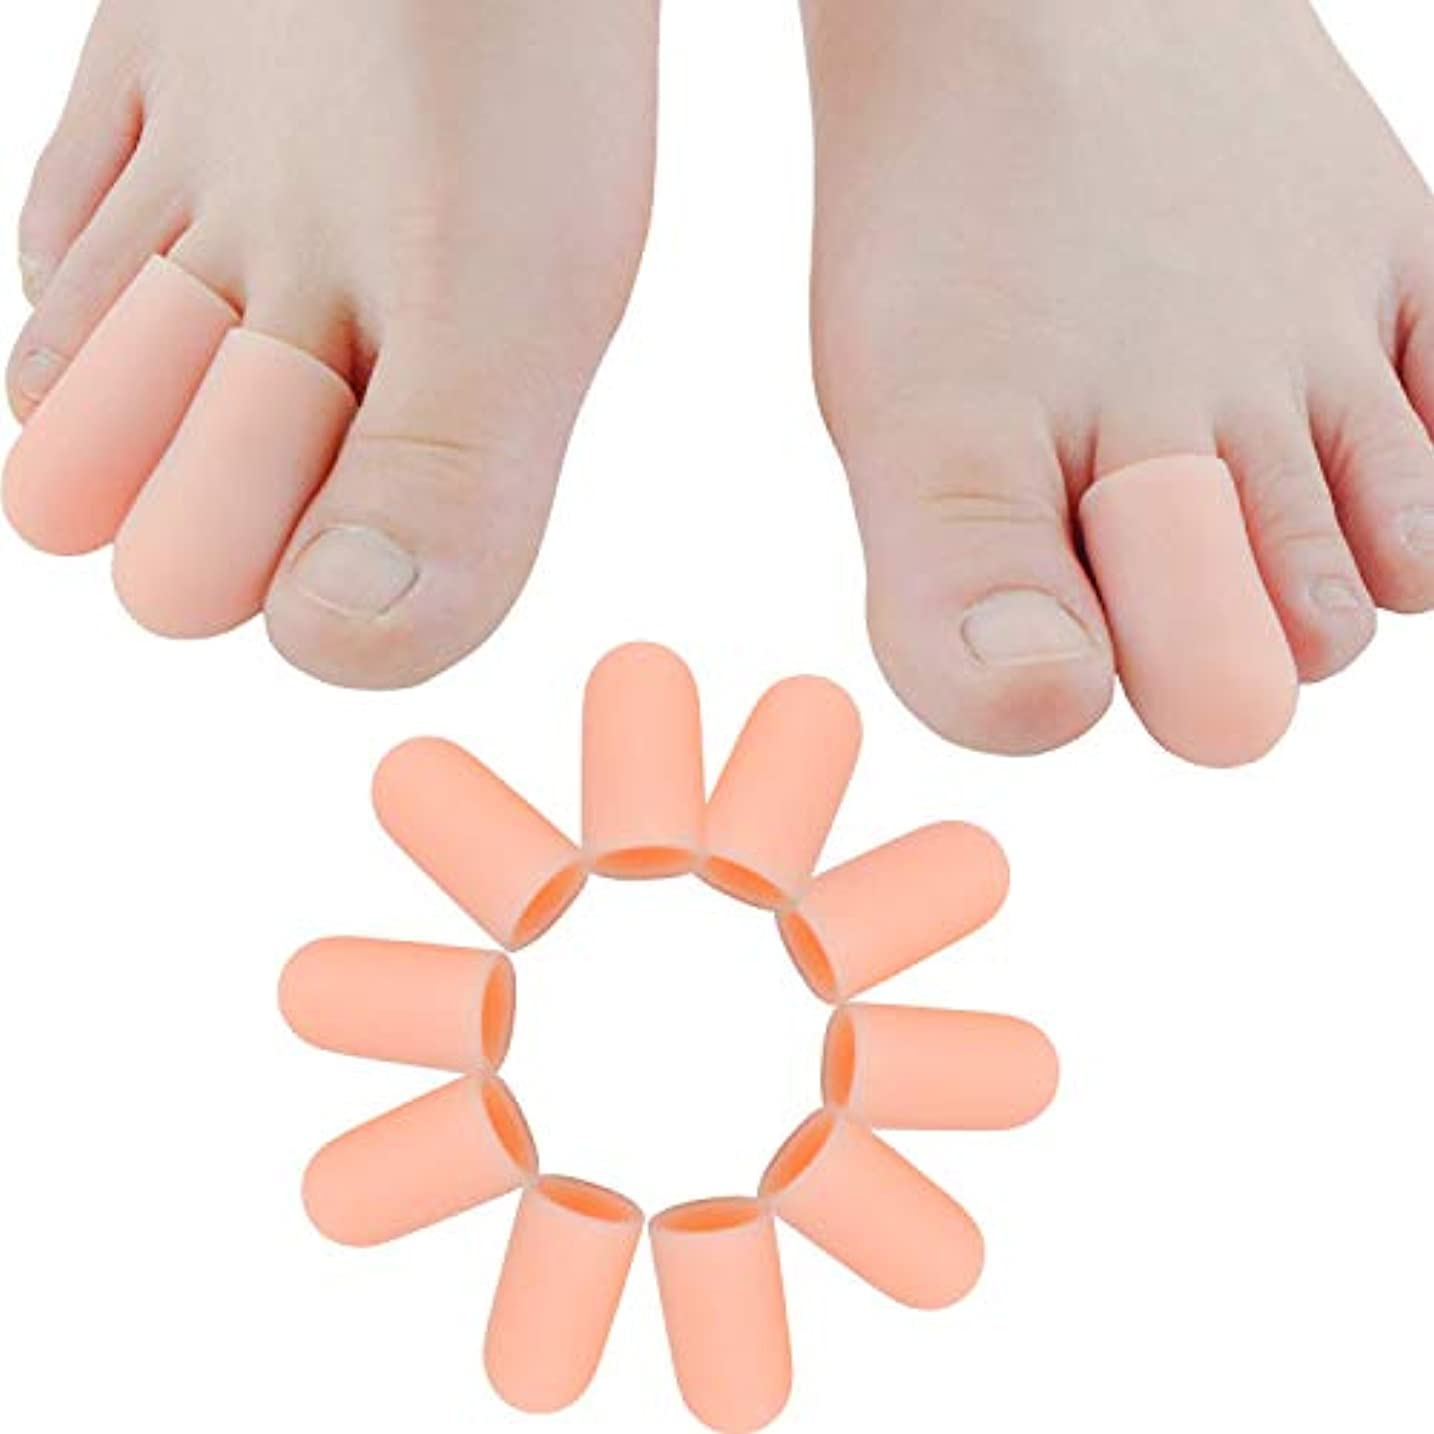 受信記念品地上でSumifun 足指サポーター 足指 足爪 保護キャップ シリコンサック 指サック(スキンカラー) (スキンカラー)